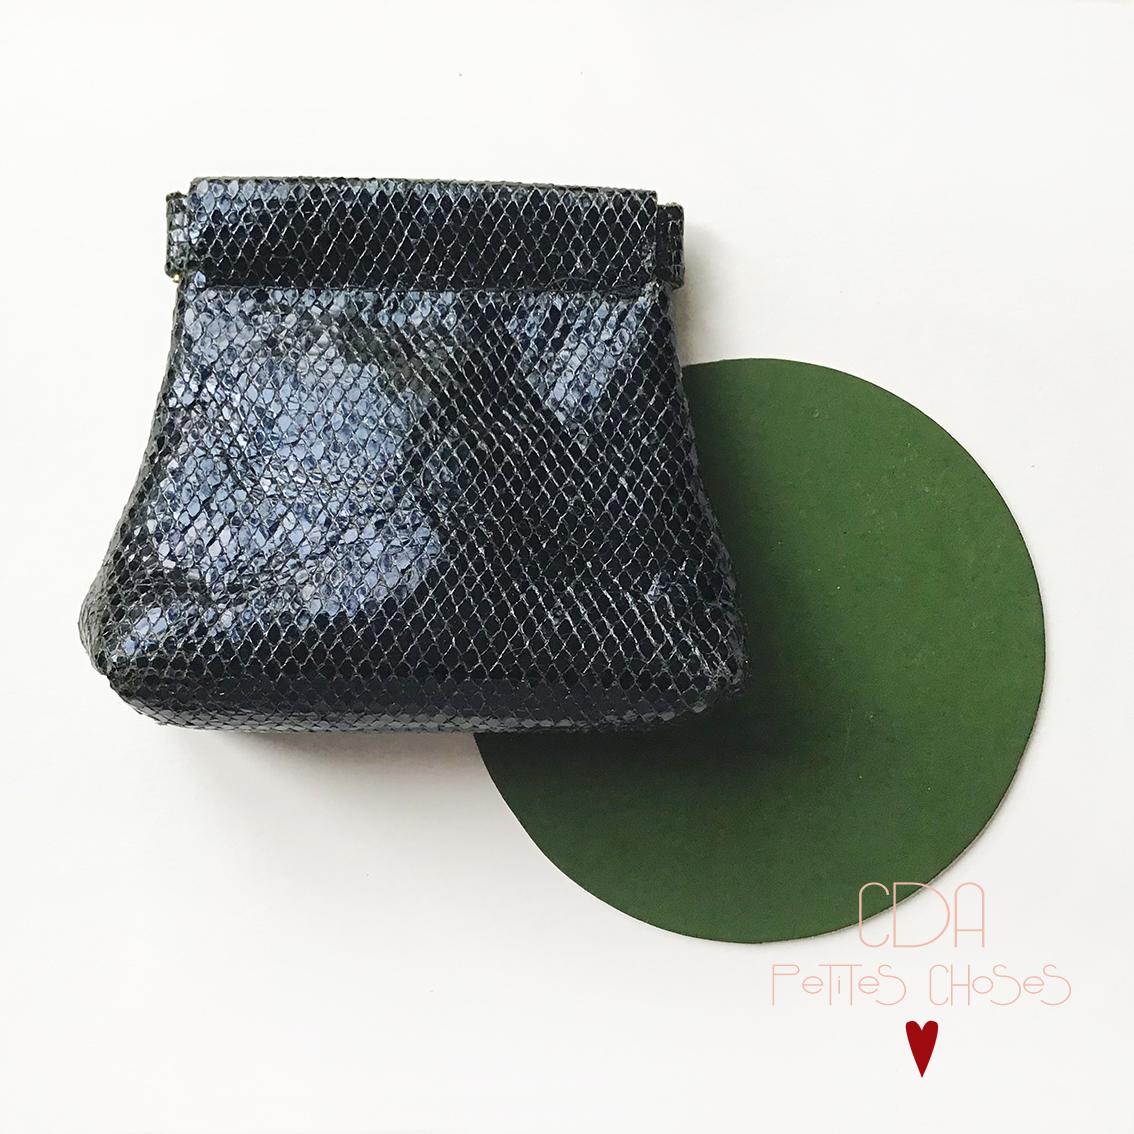 Porte monnaie clic clac en cuir bleu nuit CDA Petites choses